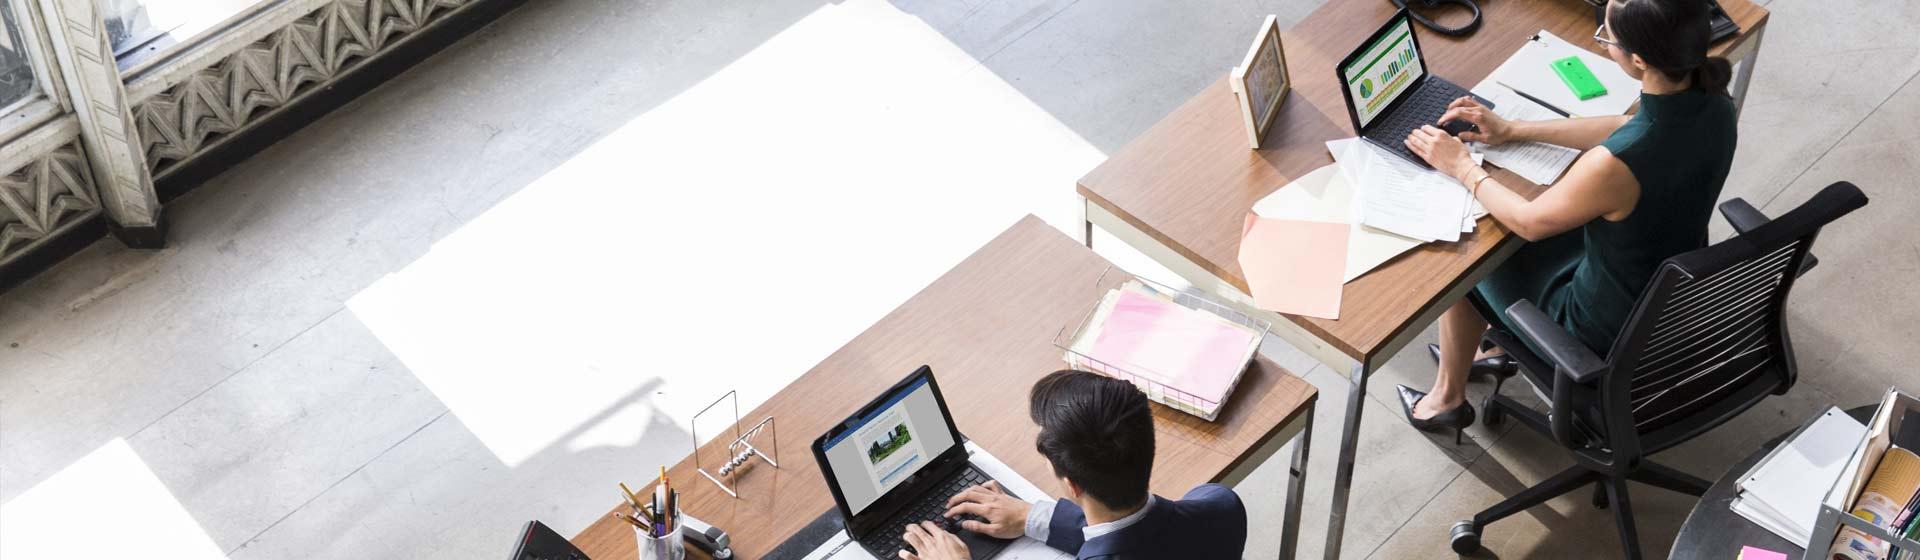 Augmentez votre valeur en effectuant la mise à niveau d'Office 2013 vers Office 365 dès aujourd'hui